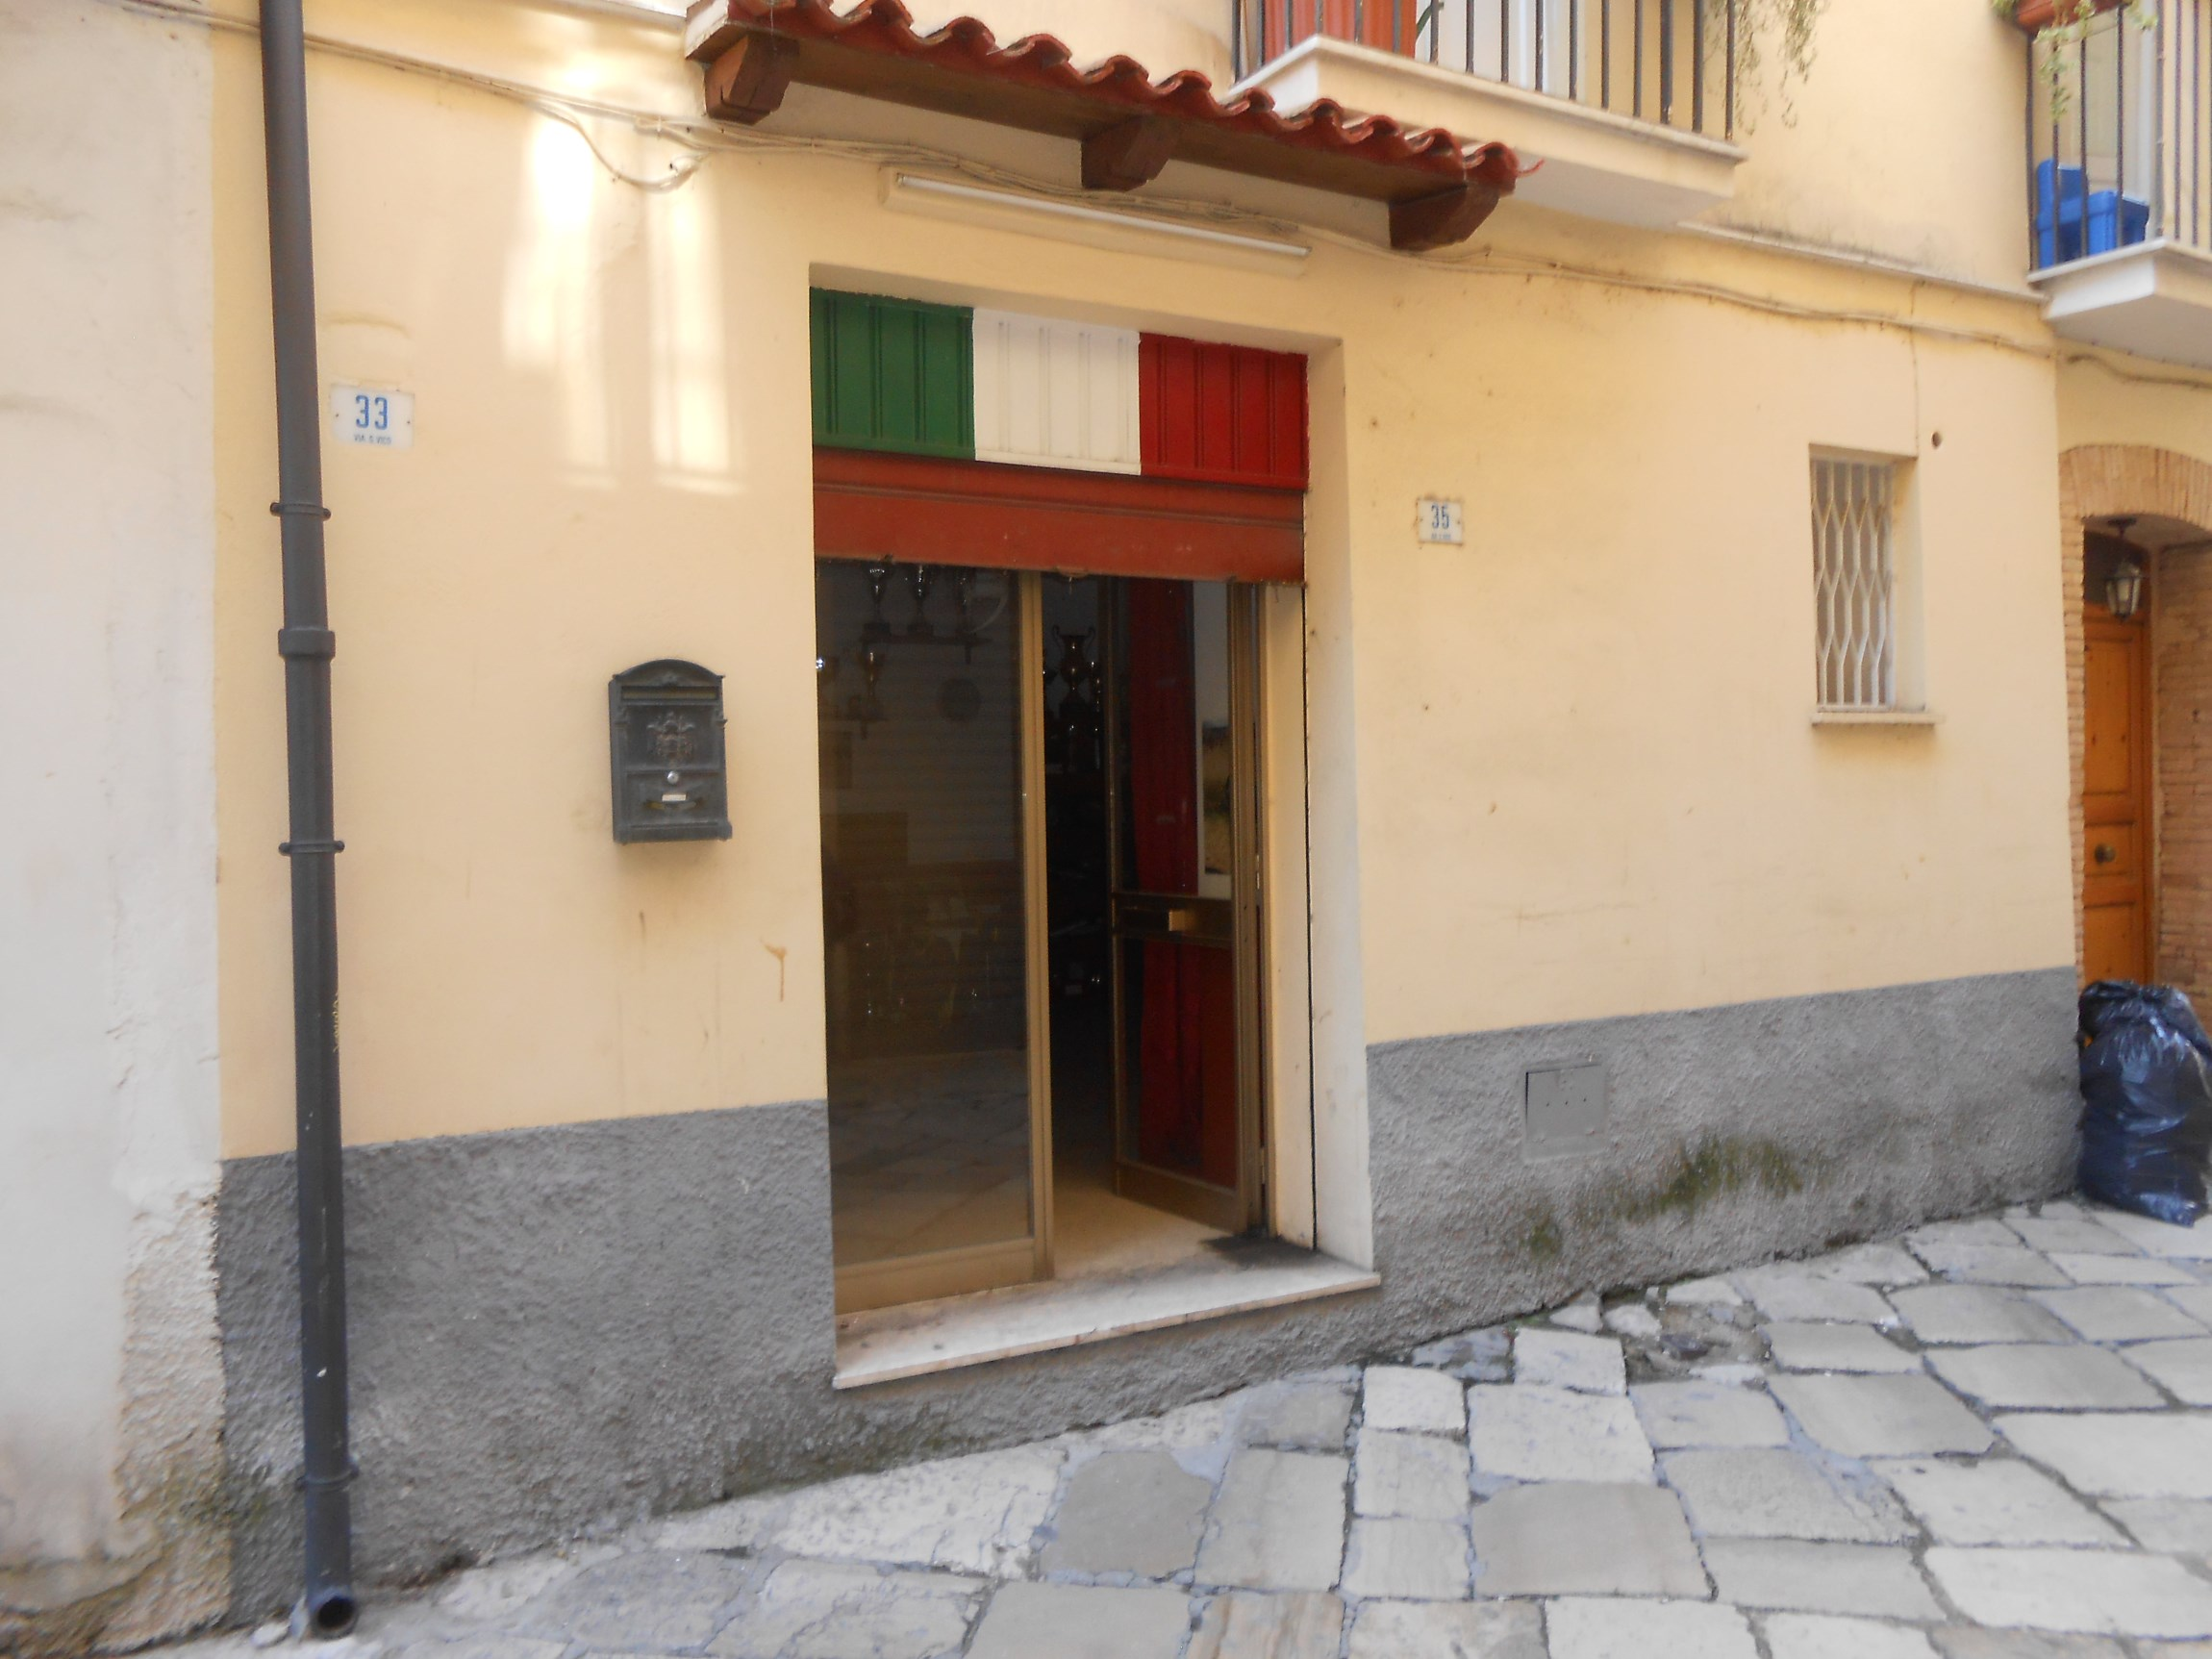 Magazzino in vendita a Fondi, 1 locali, prezzo € 30.000 | CambioCasa.it